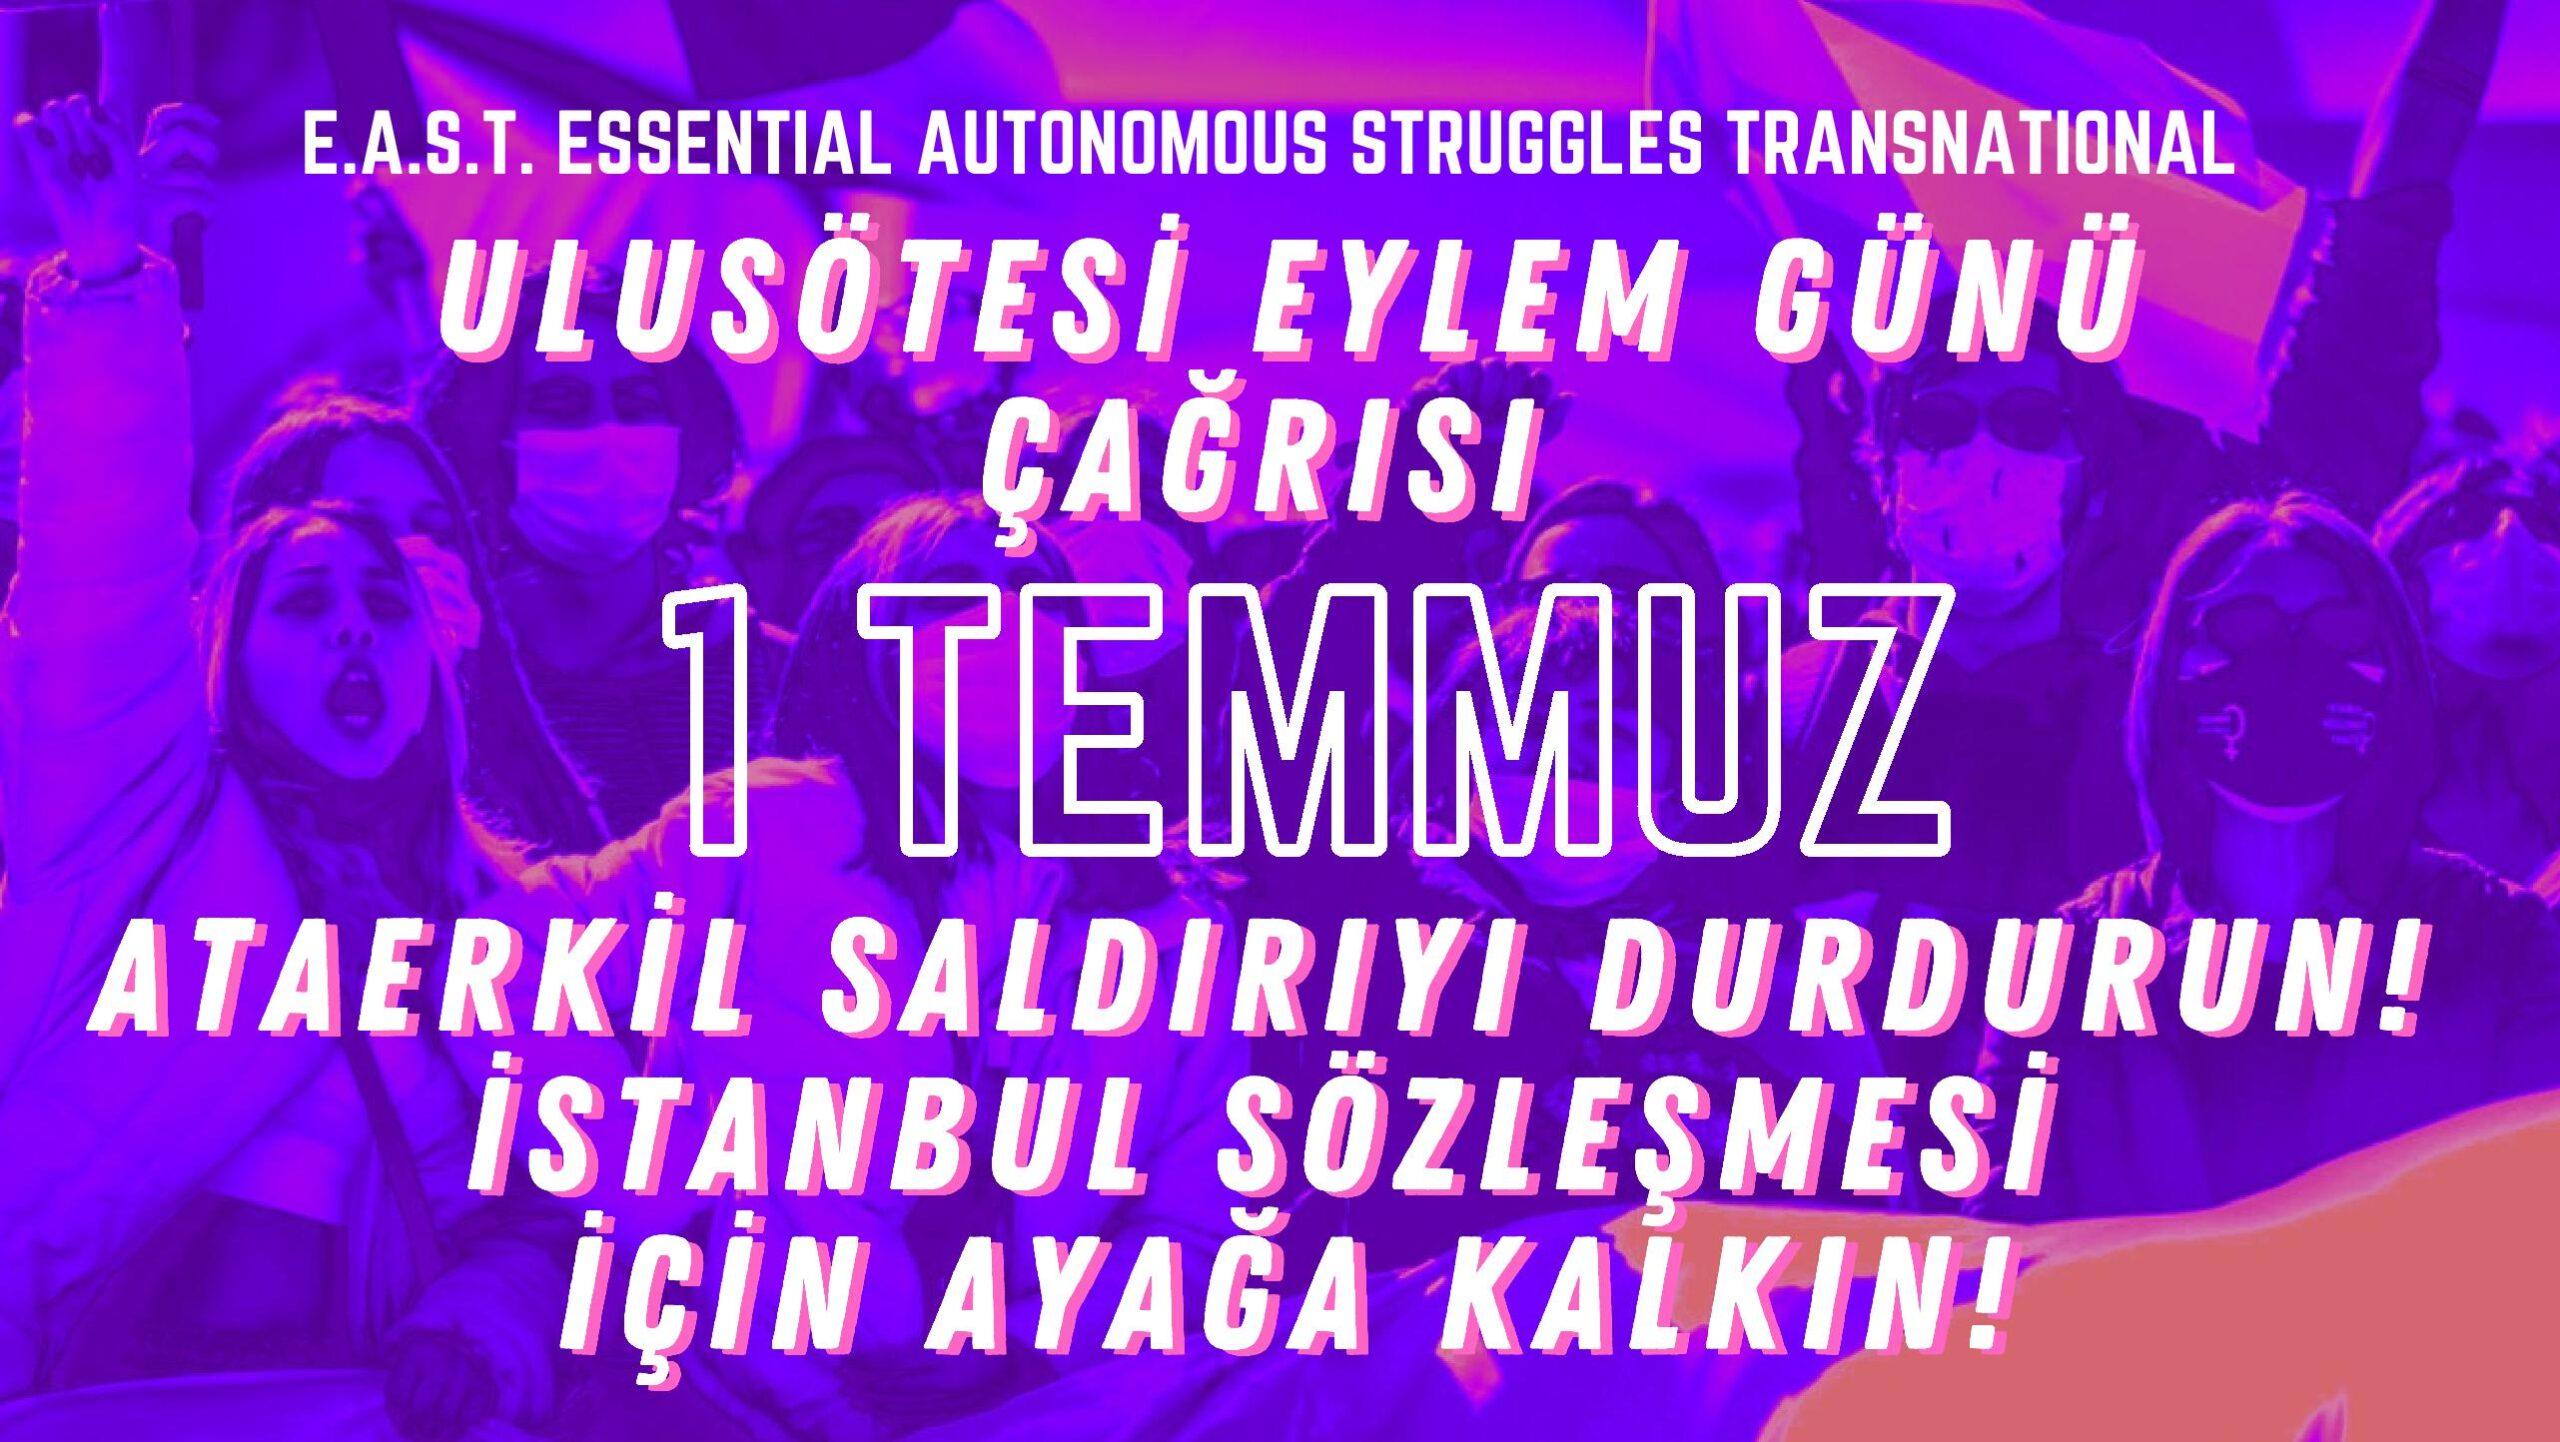 1 Temmuz'da Ulusötesi Eylem Günü Çağrısı: Ataerkil Saldırıyı Durdurun! İstanbul Sözleşmesi için ayağa kalkın!